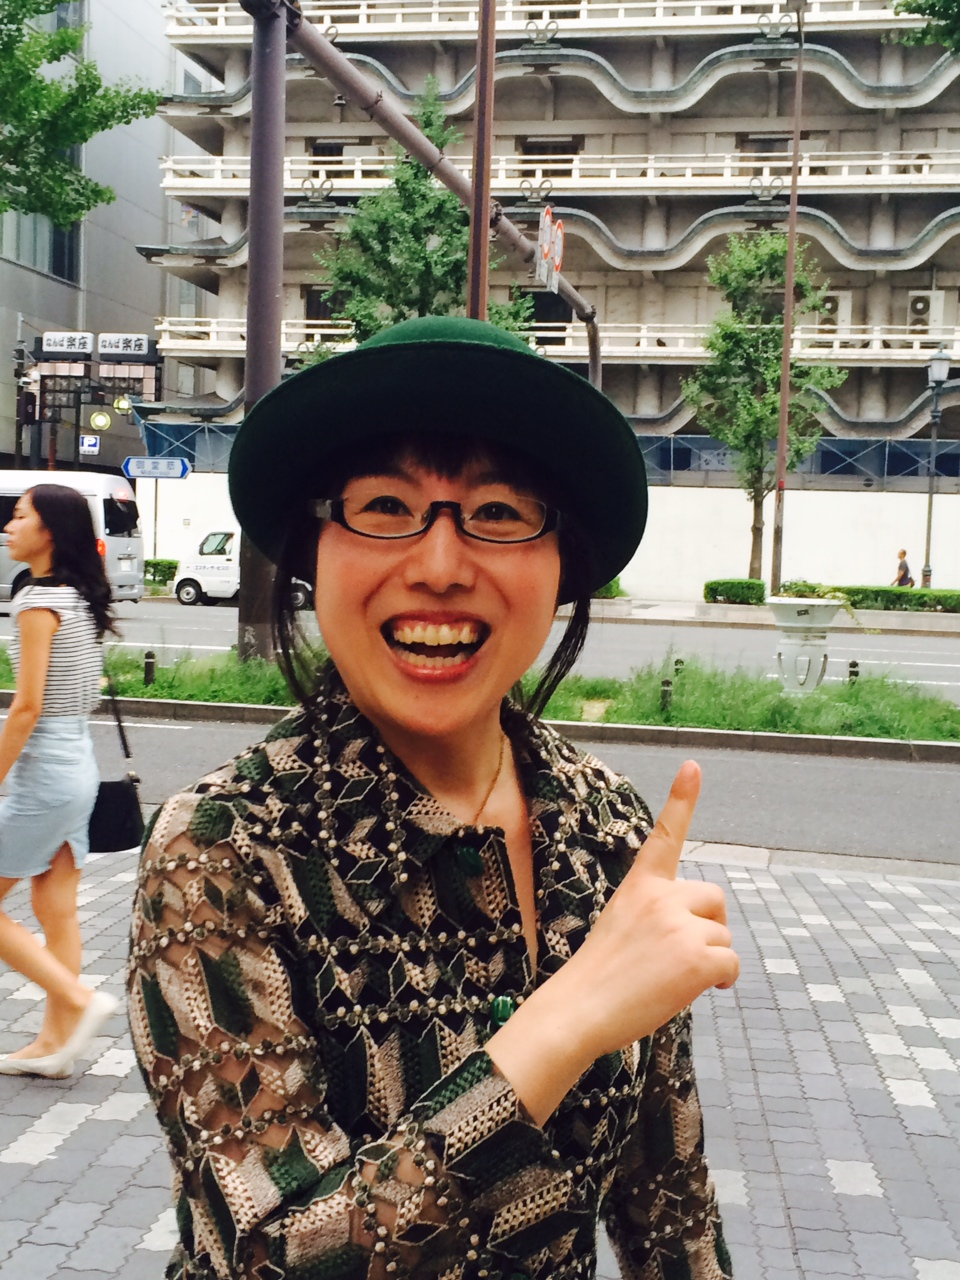 japon 2014 ete 014